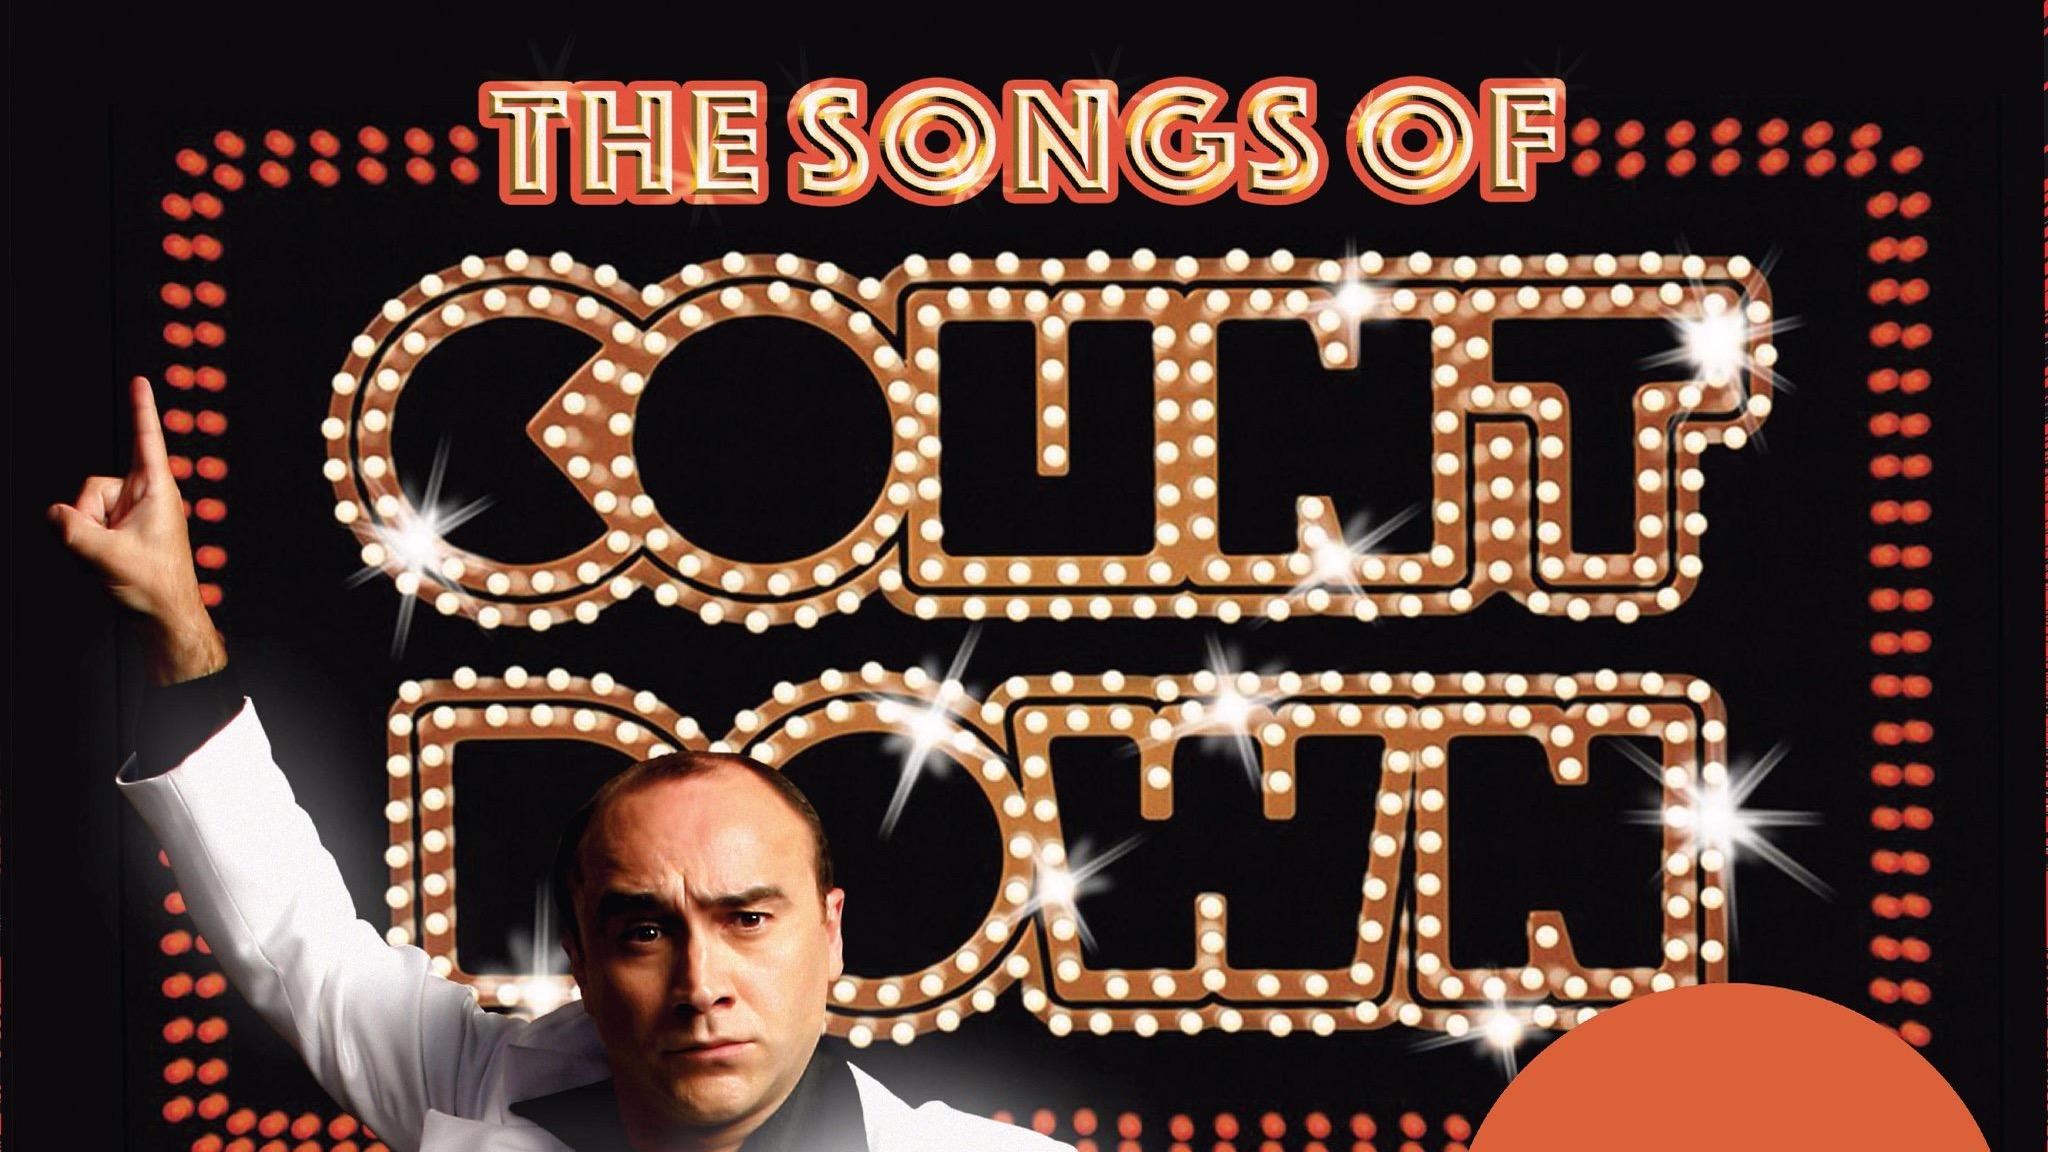 Songs of Countdown